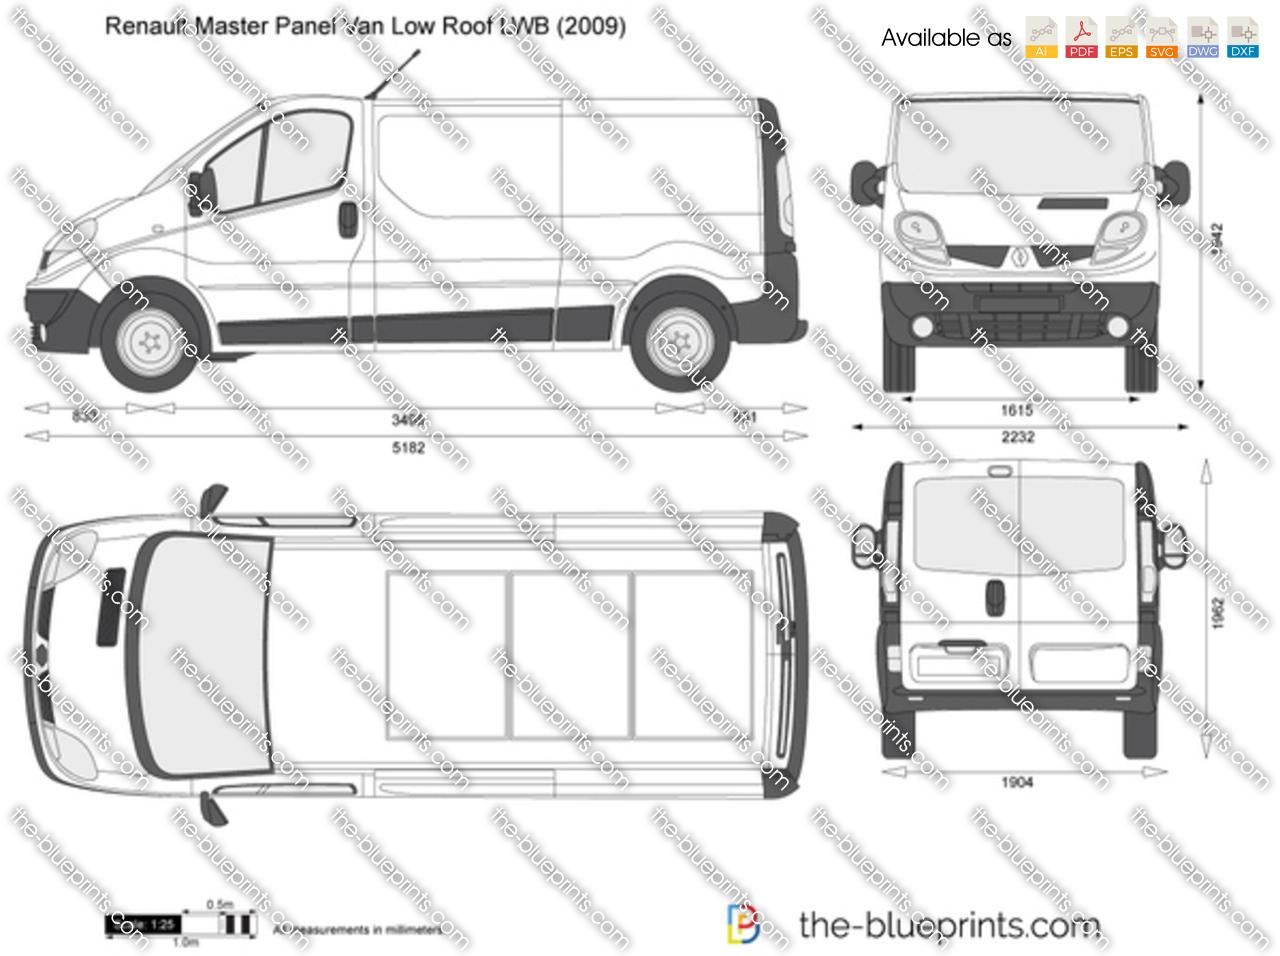 Renault Trafic Panel Van Low Roof LWB 2012